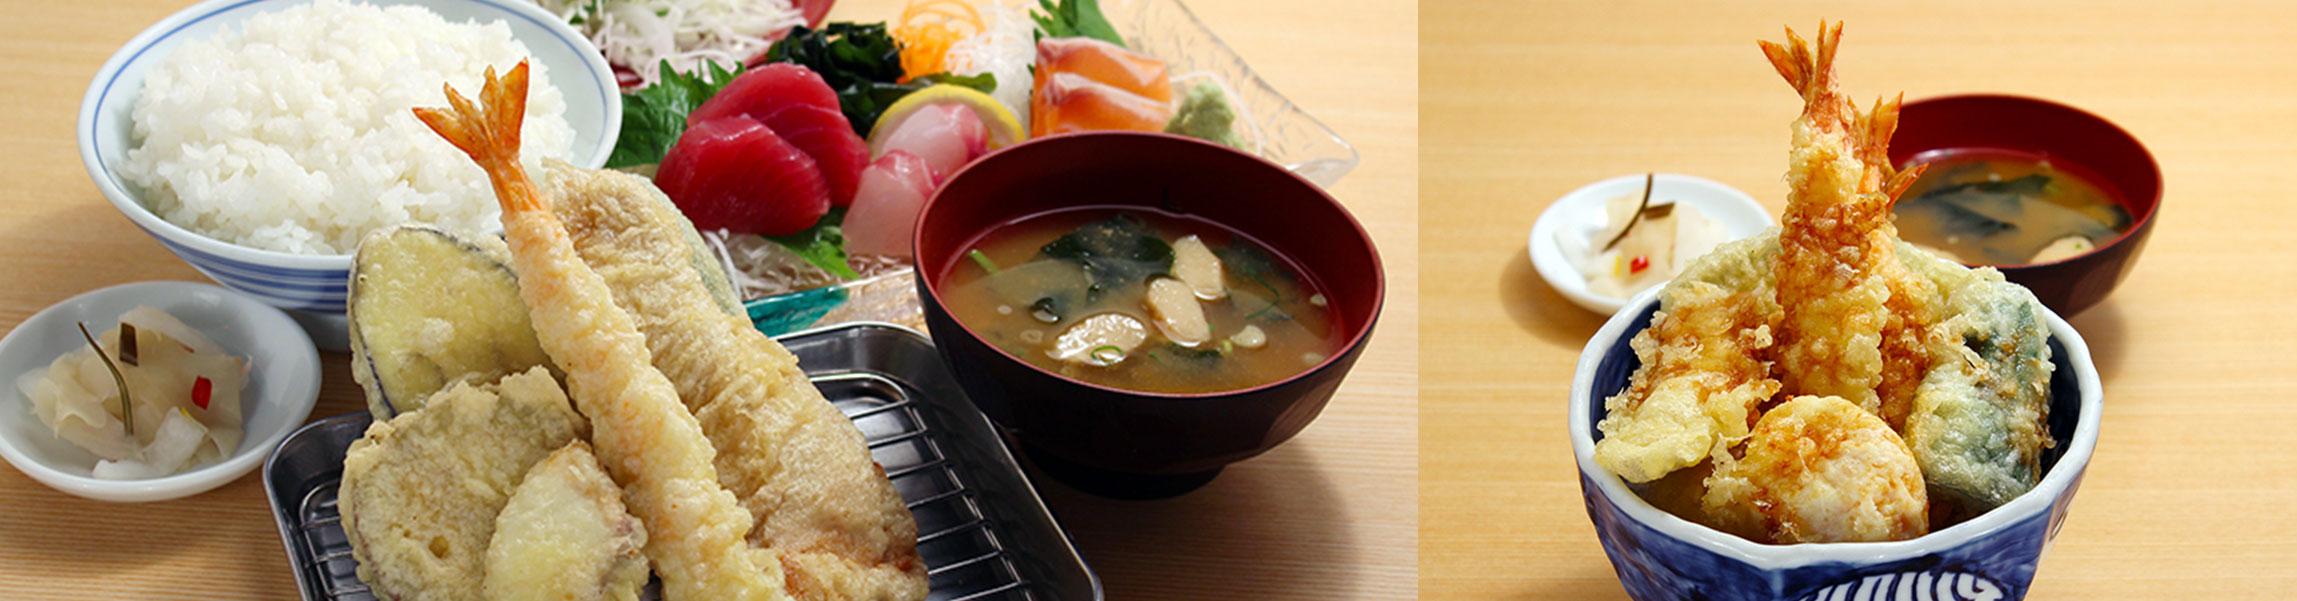 揚げたて天ぷら海鮮 よし平